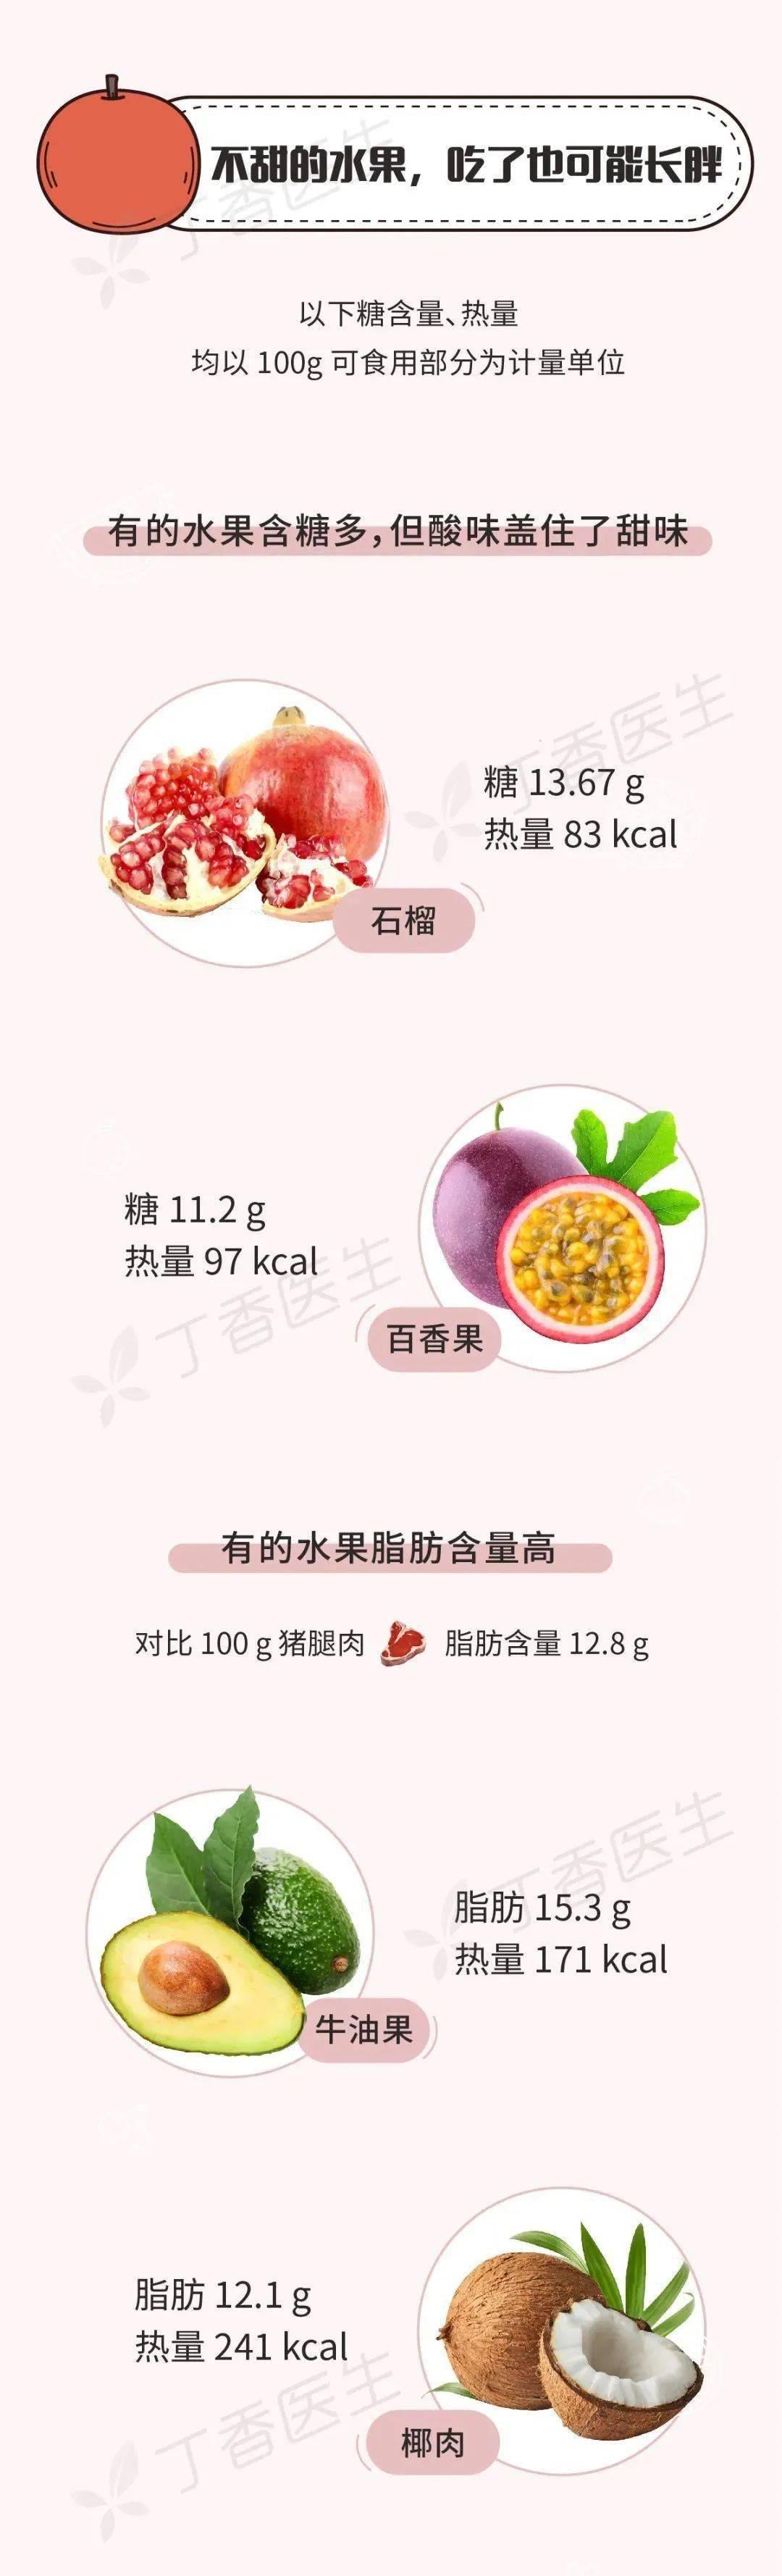 有些水果不甜但巨长胖!一图告诉你水果含糖的真相_丁香 知识百科 第3张